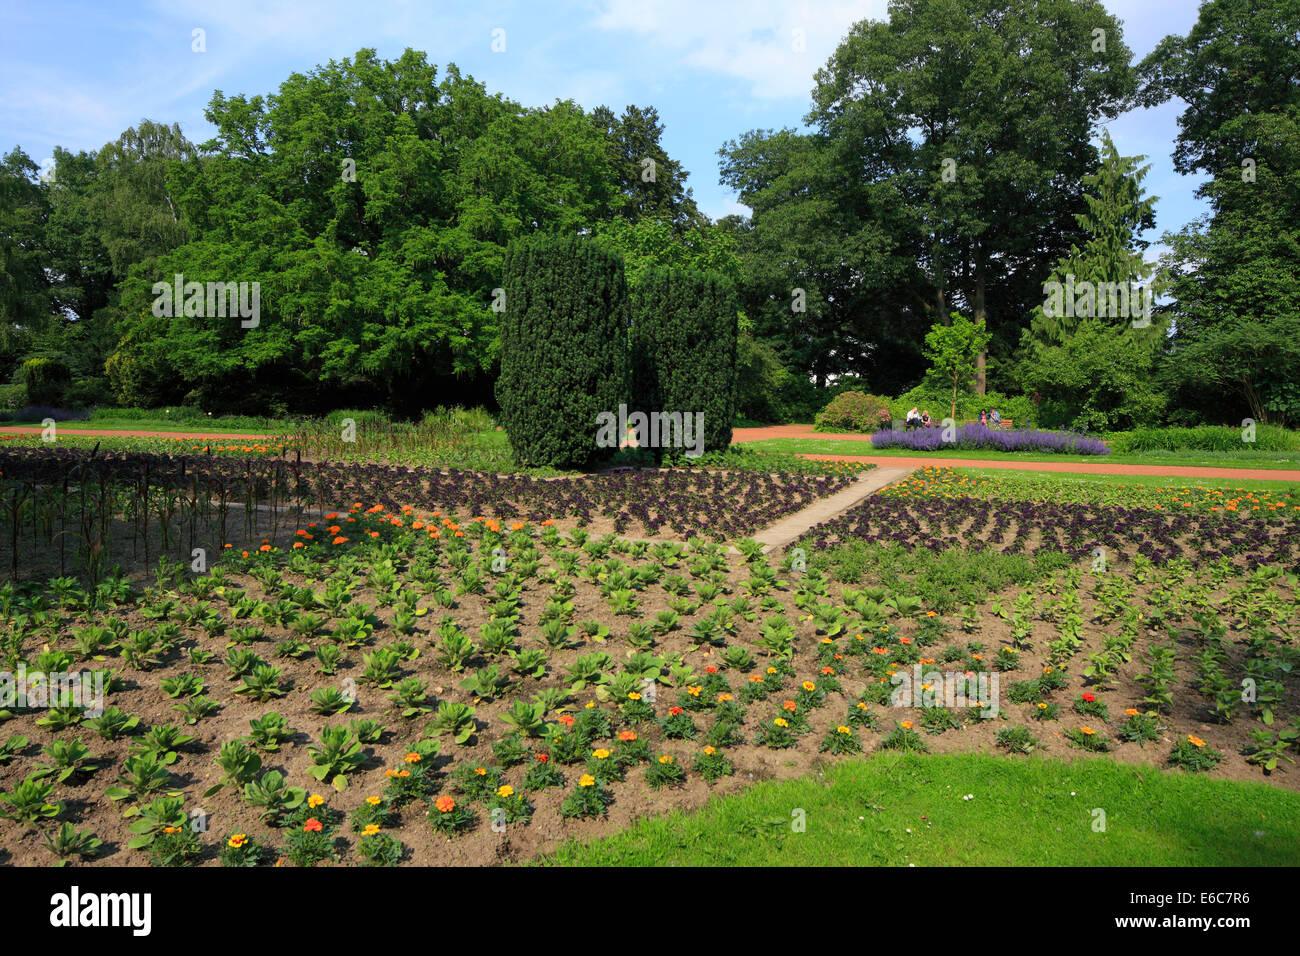 Bunter Garten und Botanischer Garten in Moenchengladbach, Niederrhein, Nordrhein-Westfalen - Stock Image